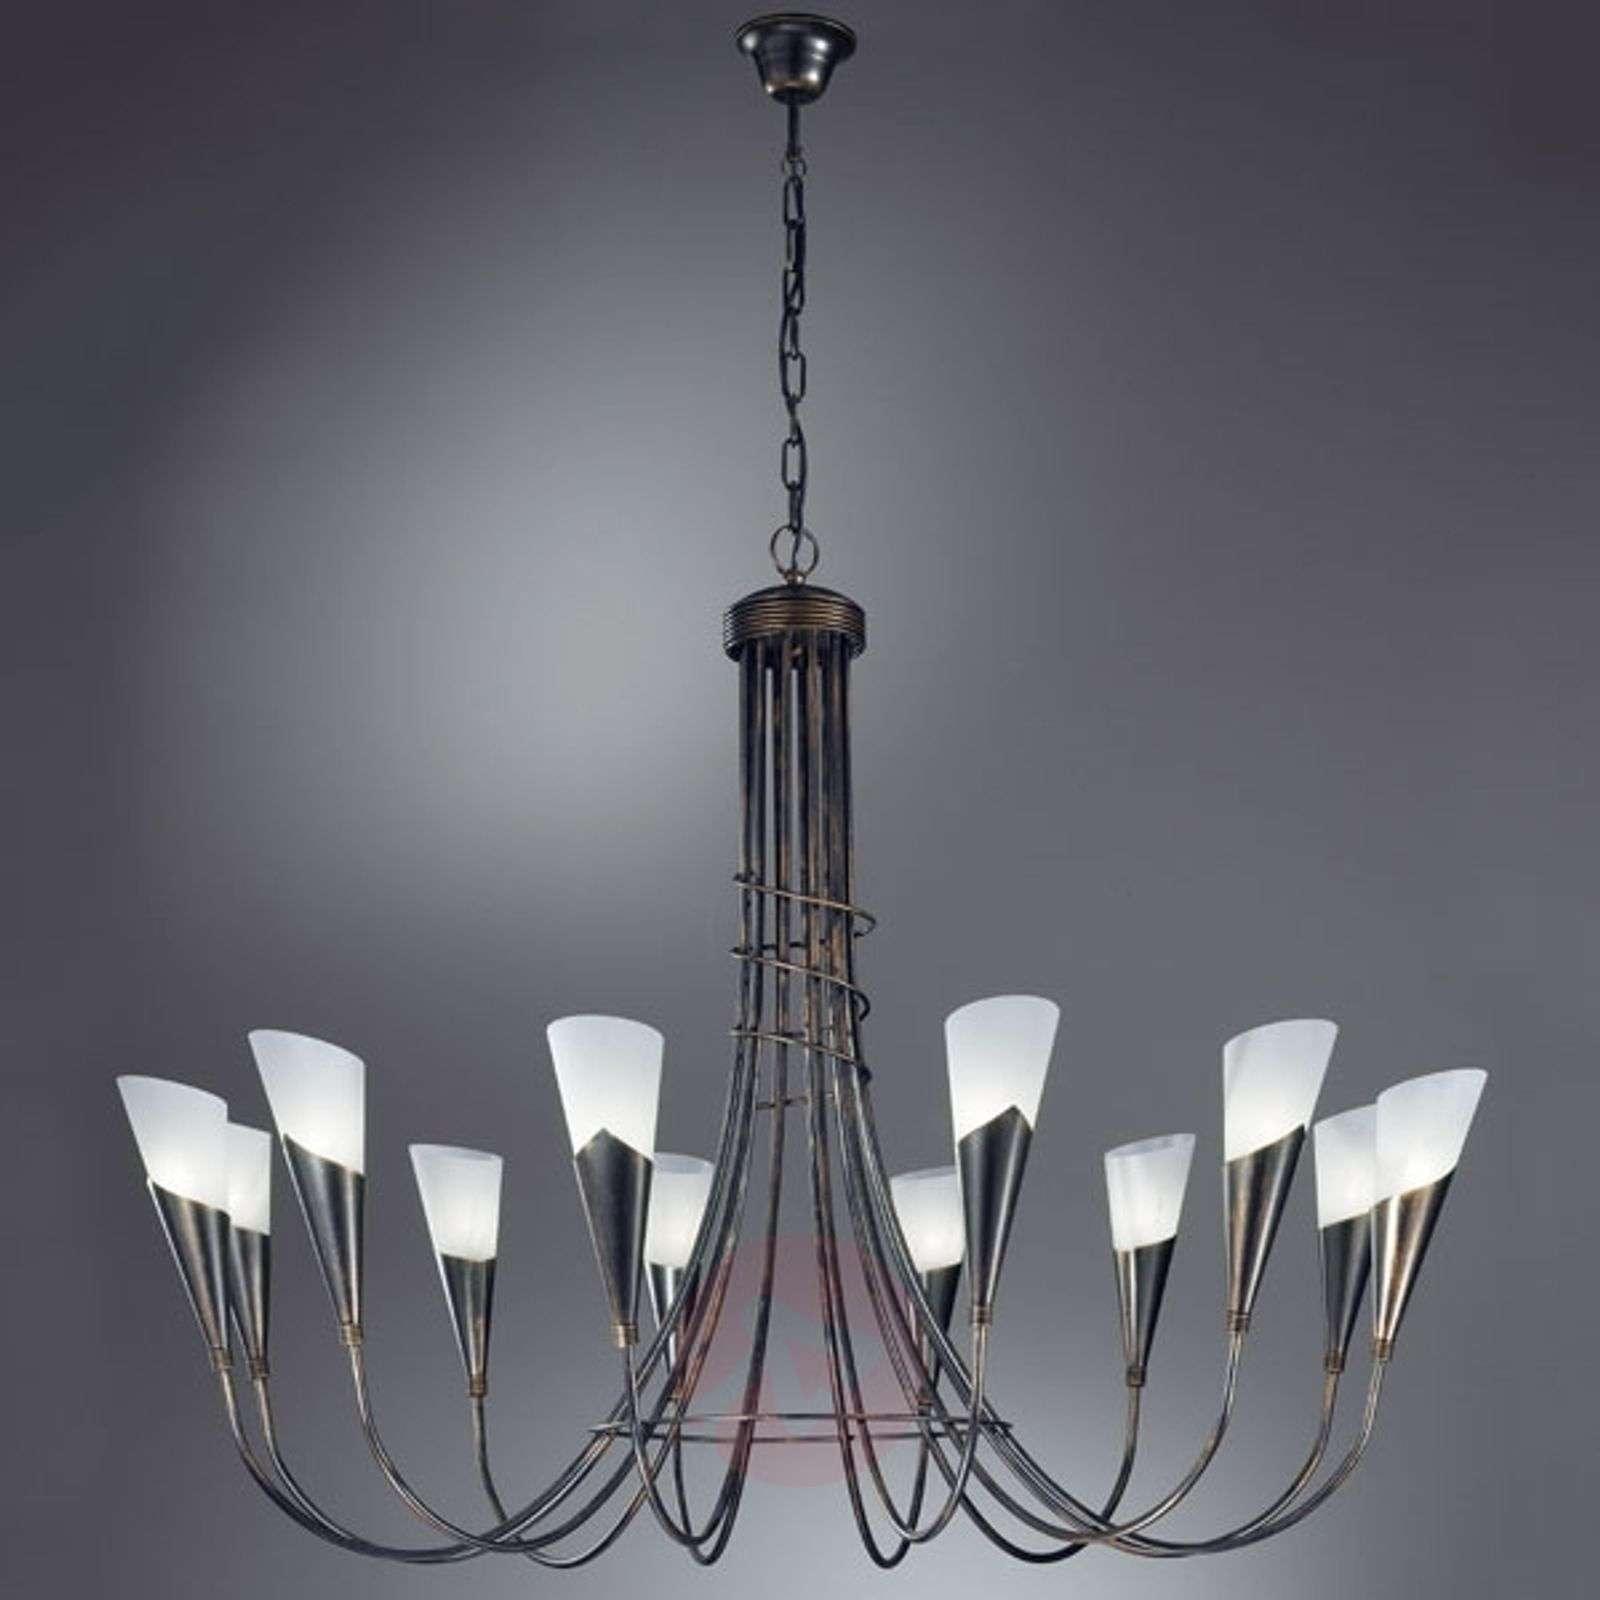 CAMPAGNOLA-kattokruunu 12-lamppuinen musta-kupari-5505165-01